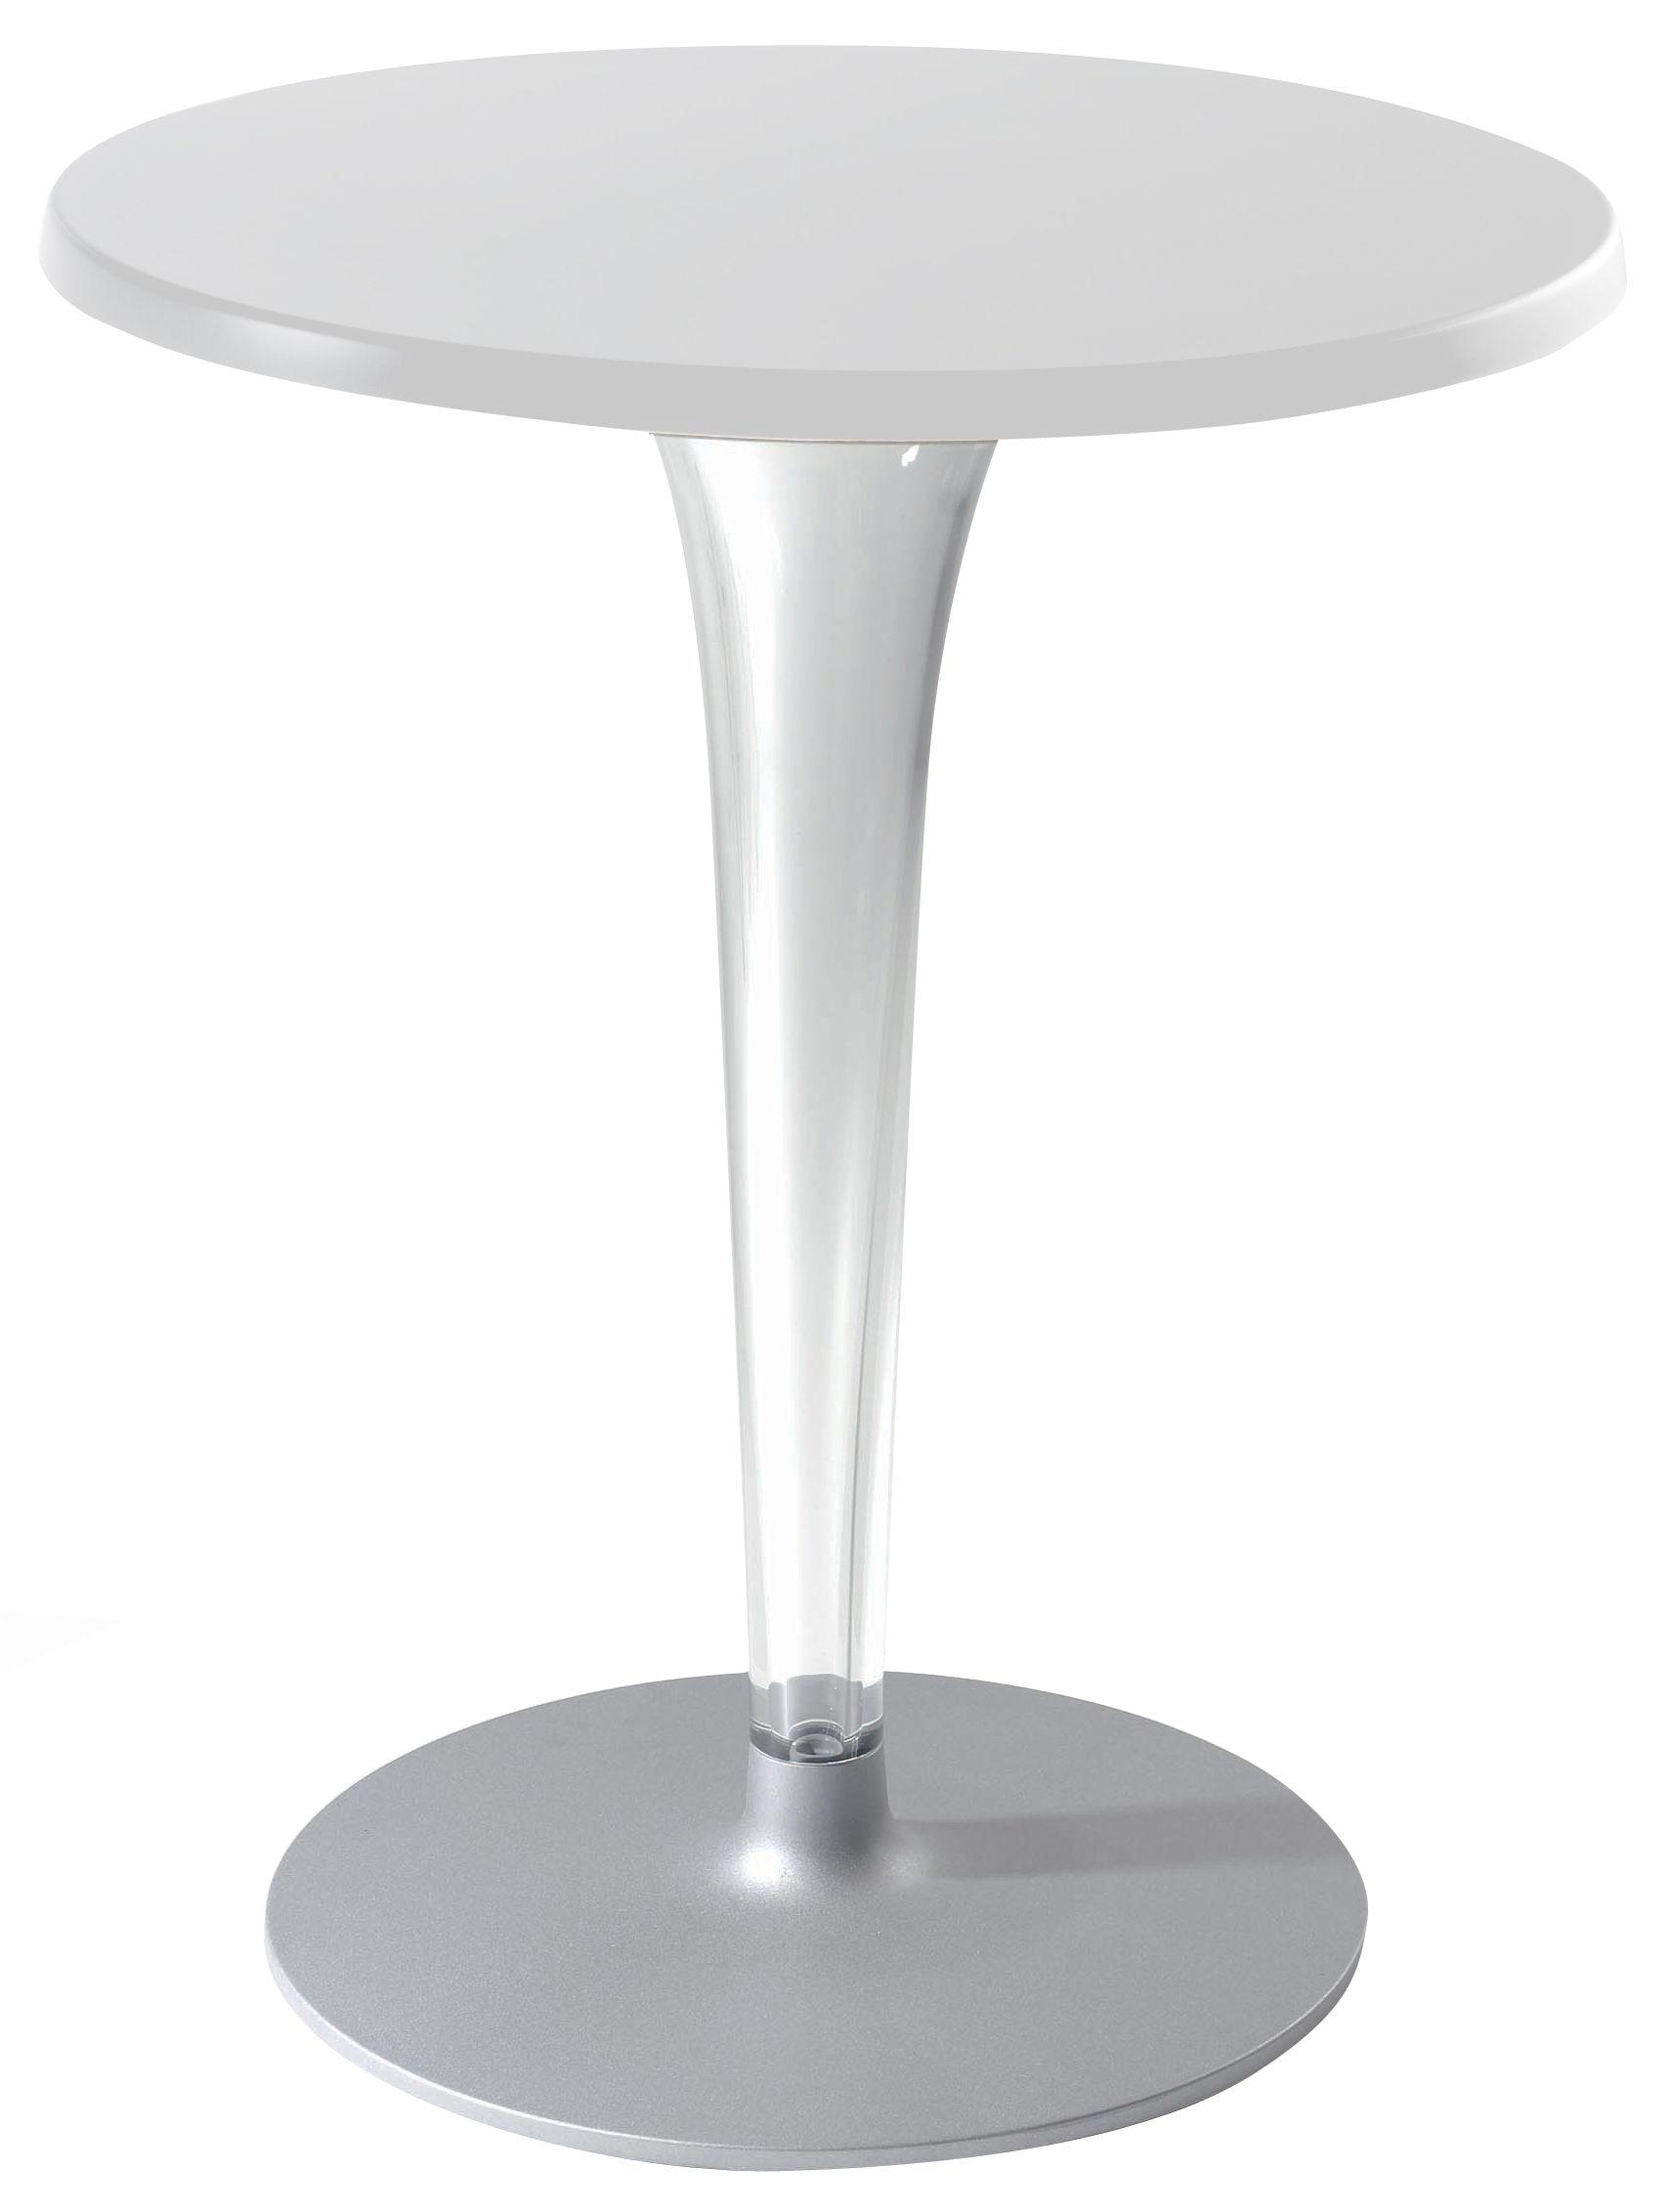 Scopri tavolo da giardino top top contract outdoor - Tavolo top top kartell ...